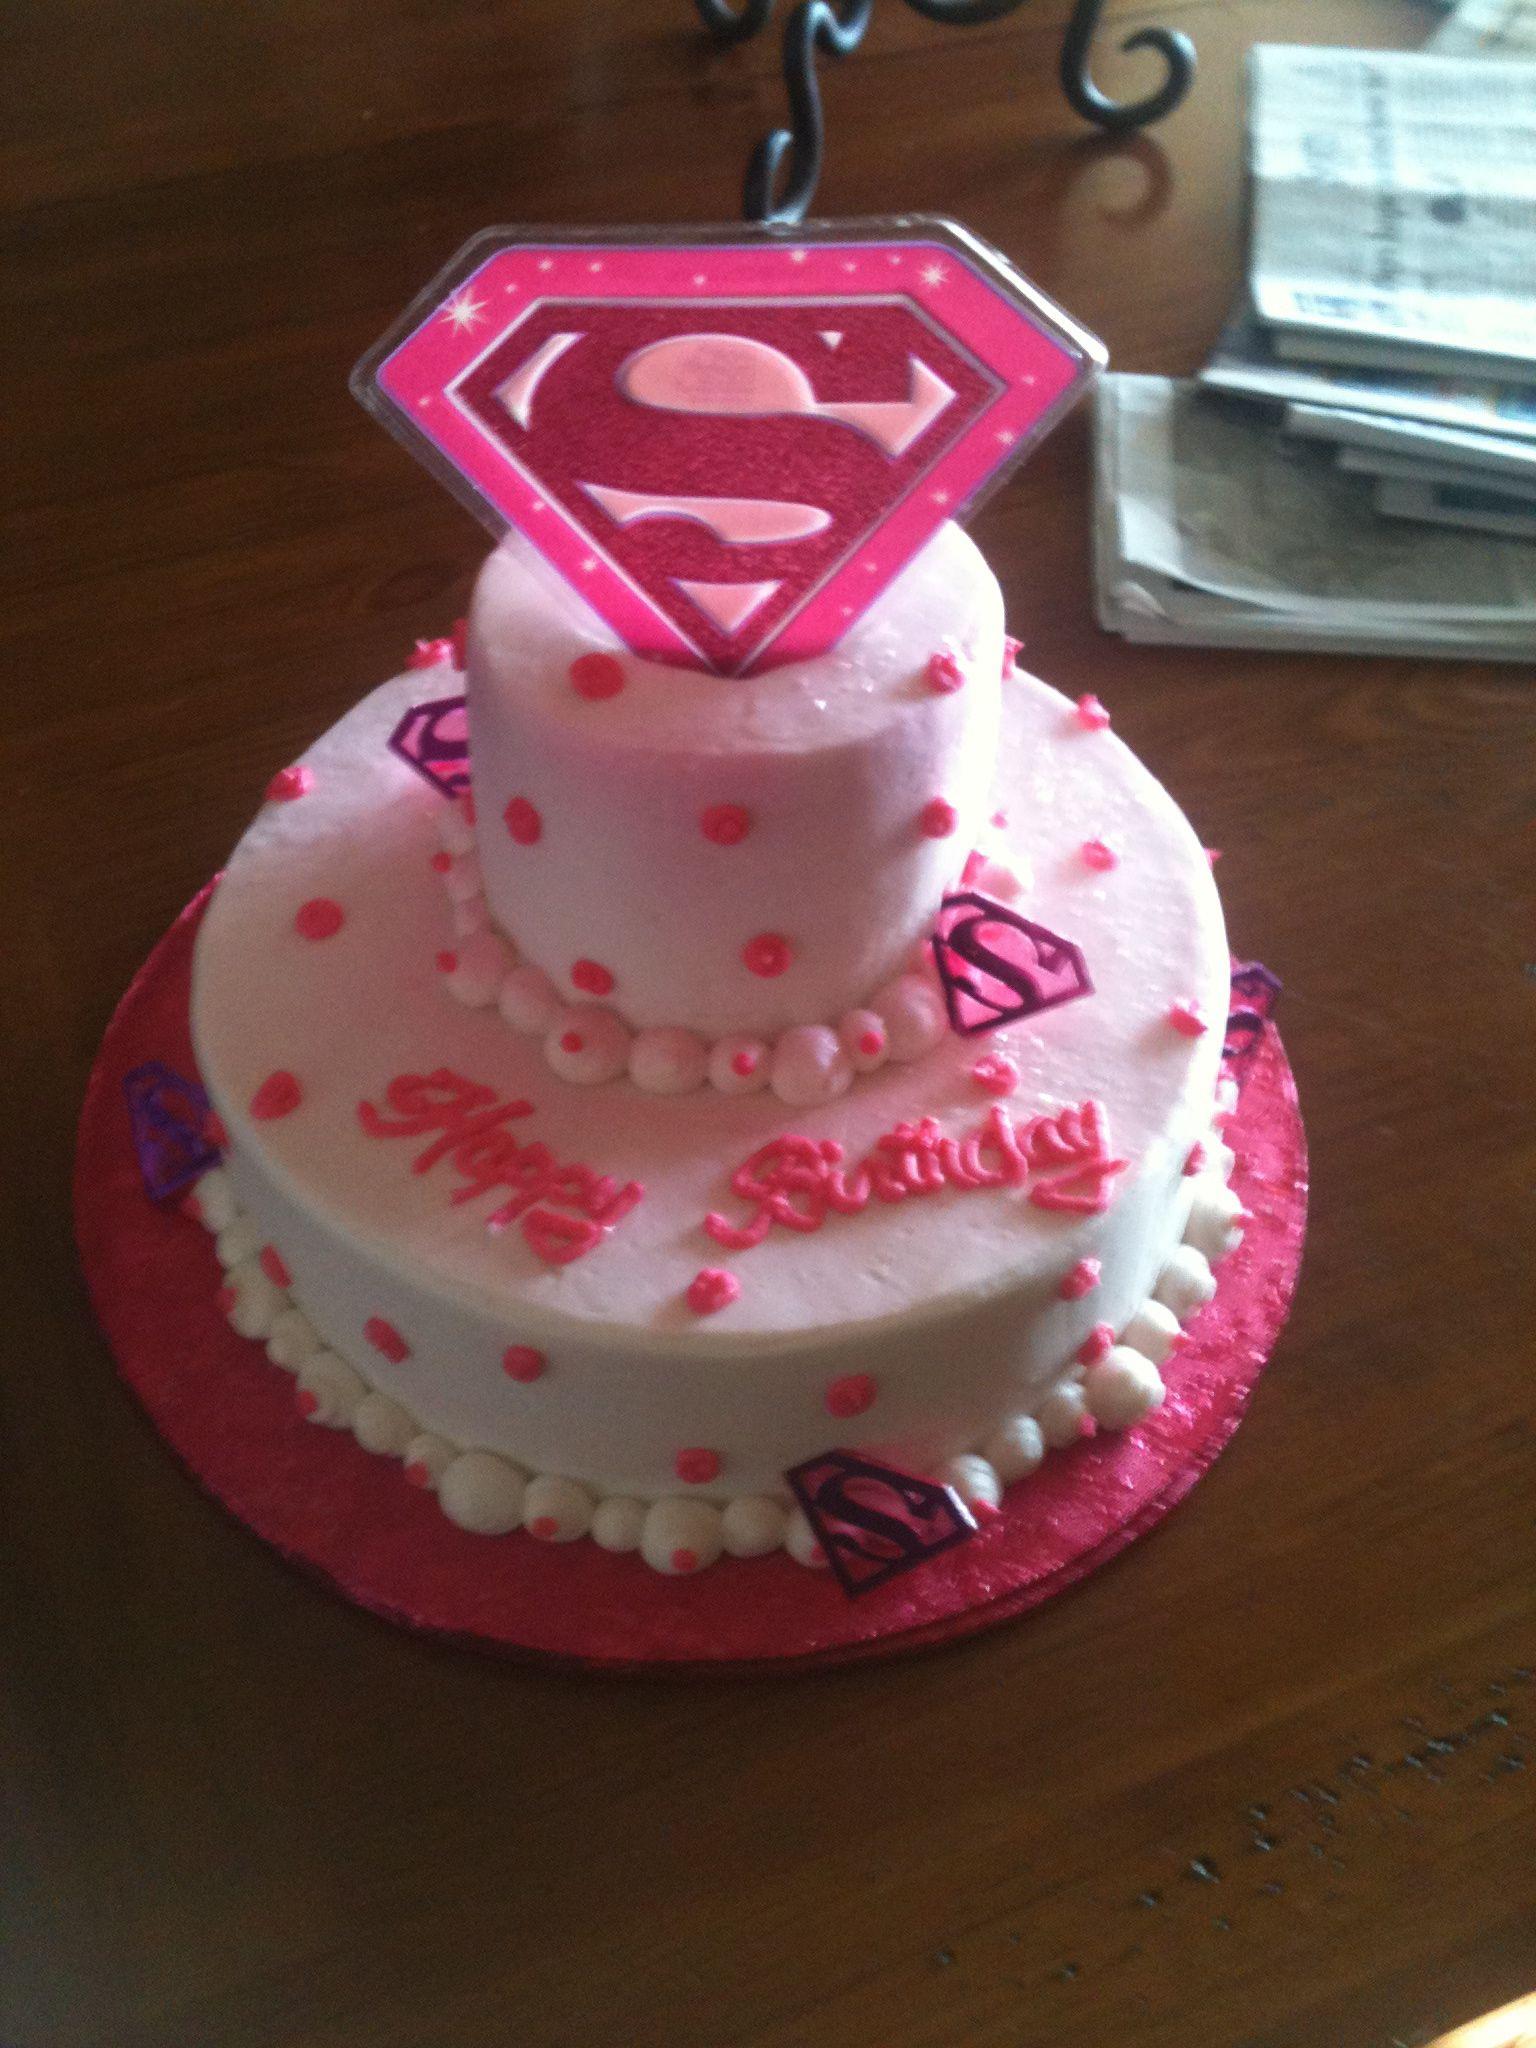 Sarahs Super Girl Cake Cakes Pinterest Girl cakes Cake and